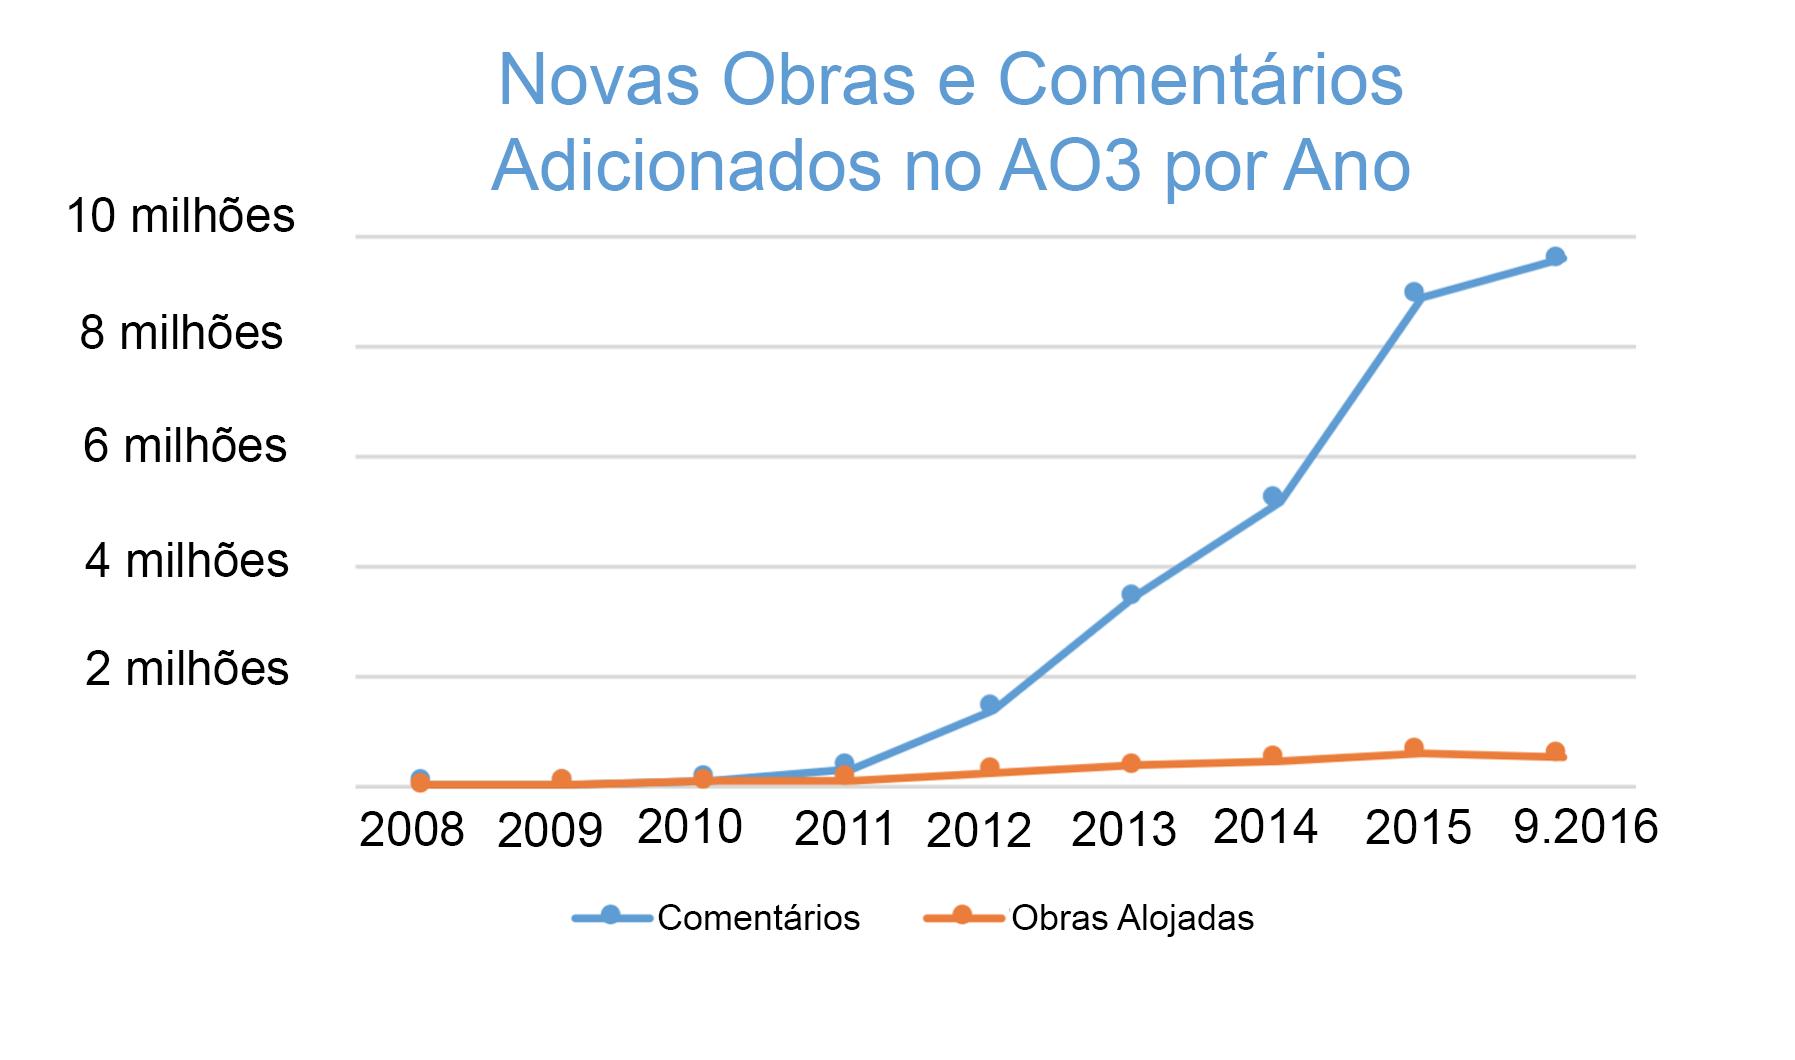 Gráfico do aumento do número de obras e comentários criados por ano no AO3, começando do zero em 2008 para mais de 500.000 obras e 9,5 milhões de comentários só este ano.